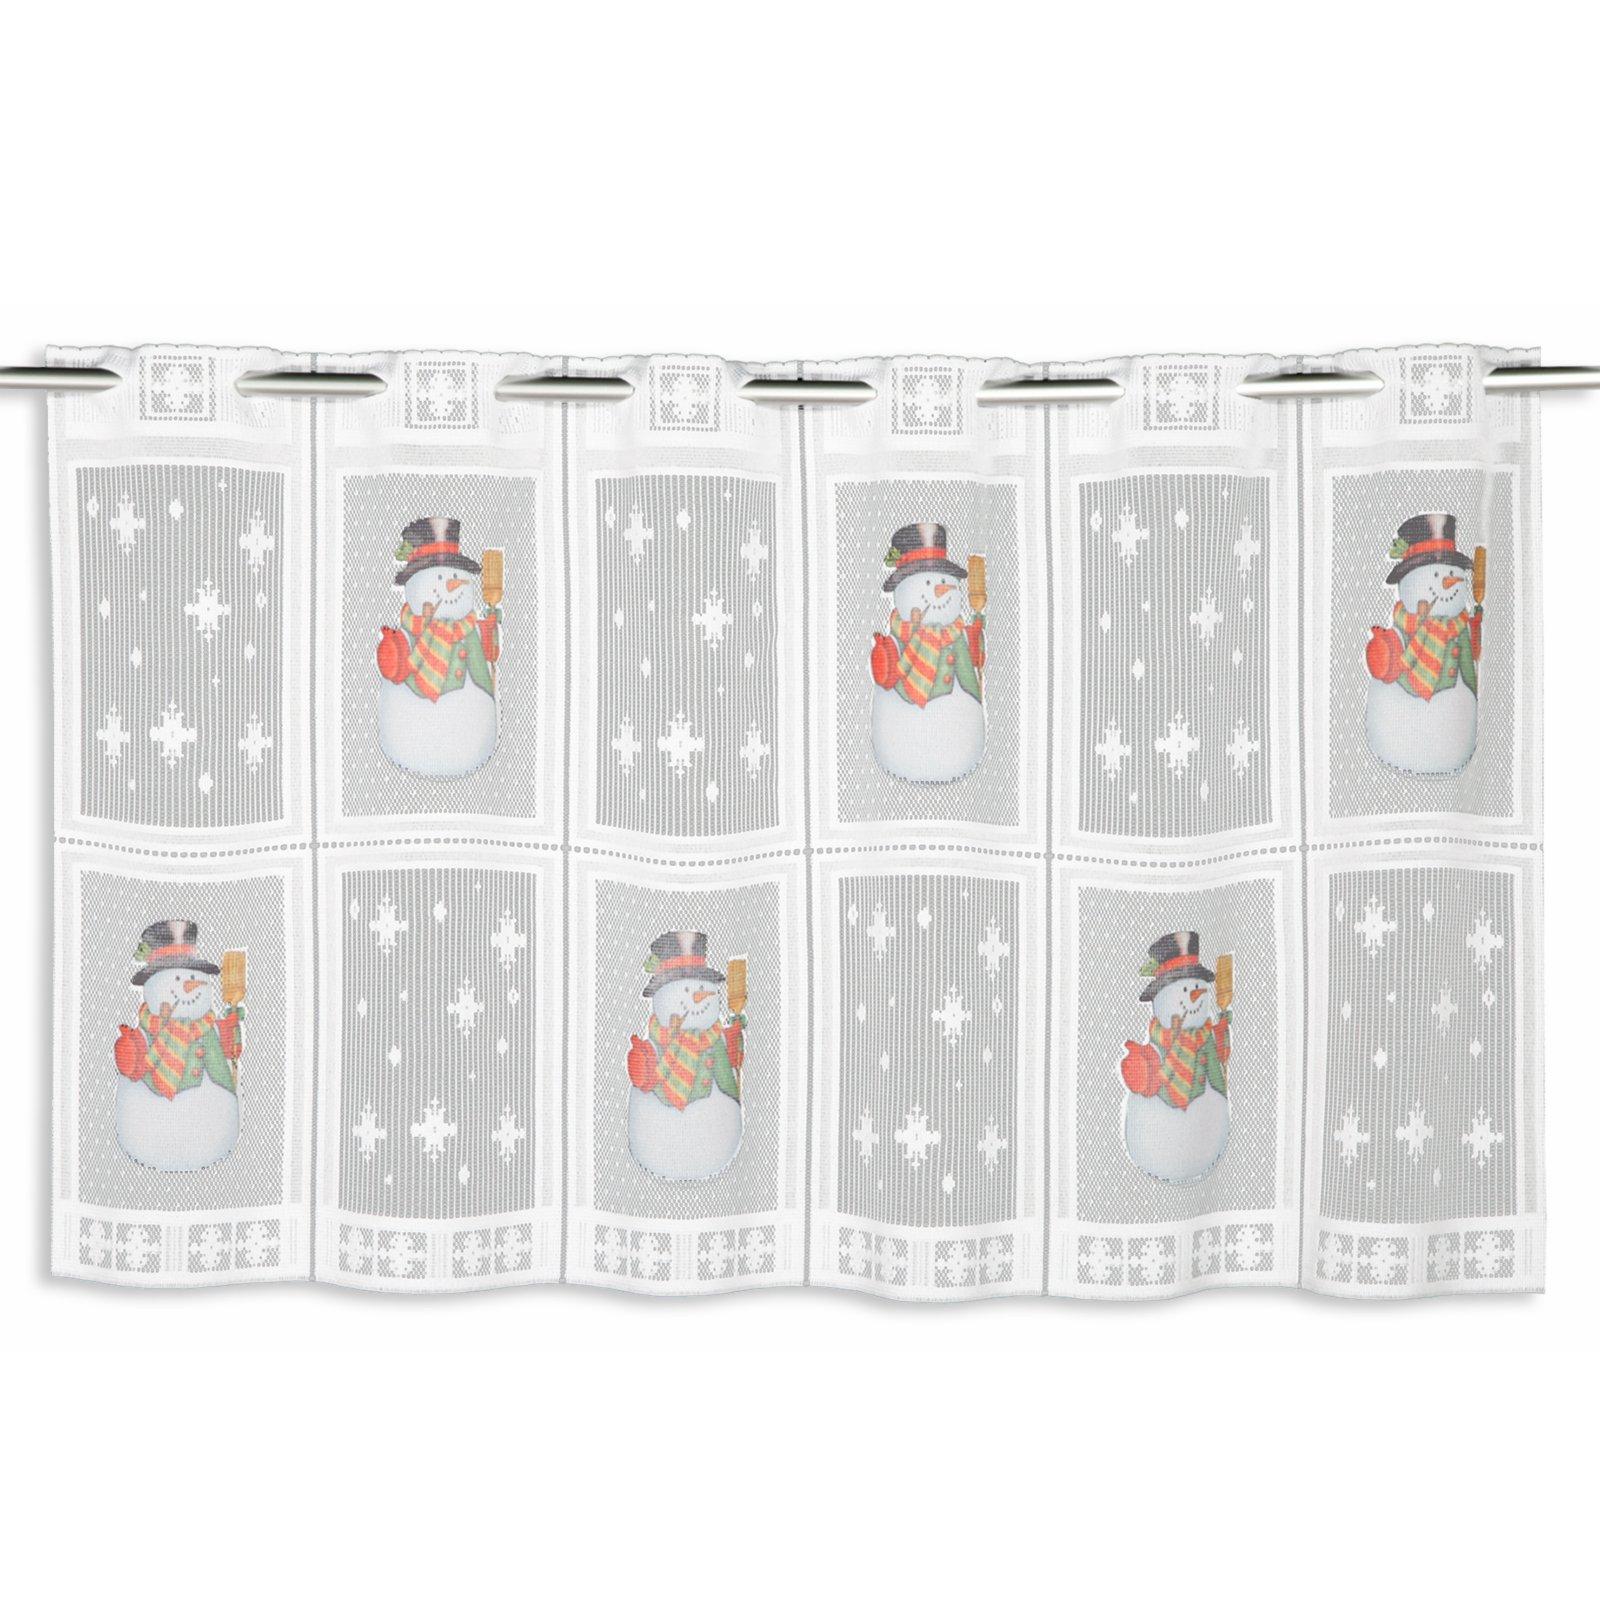 scheibengardine weihnachten schnee 45x130 cm. Black Bedroom Furniture Sets. Home Design Ideas